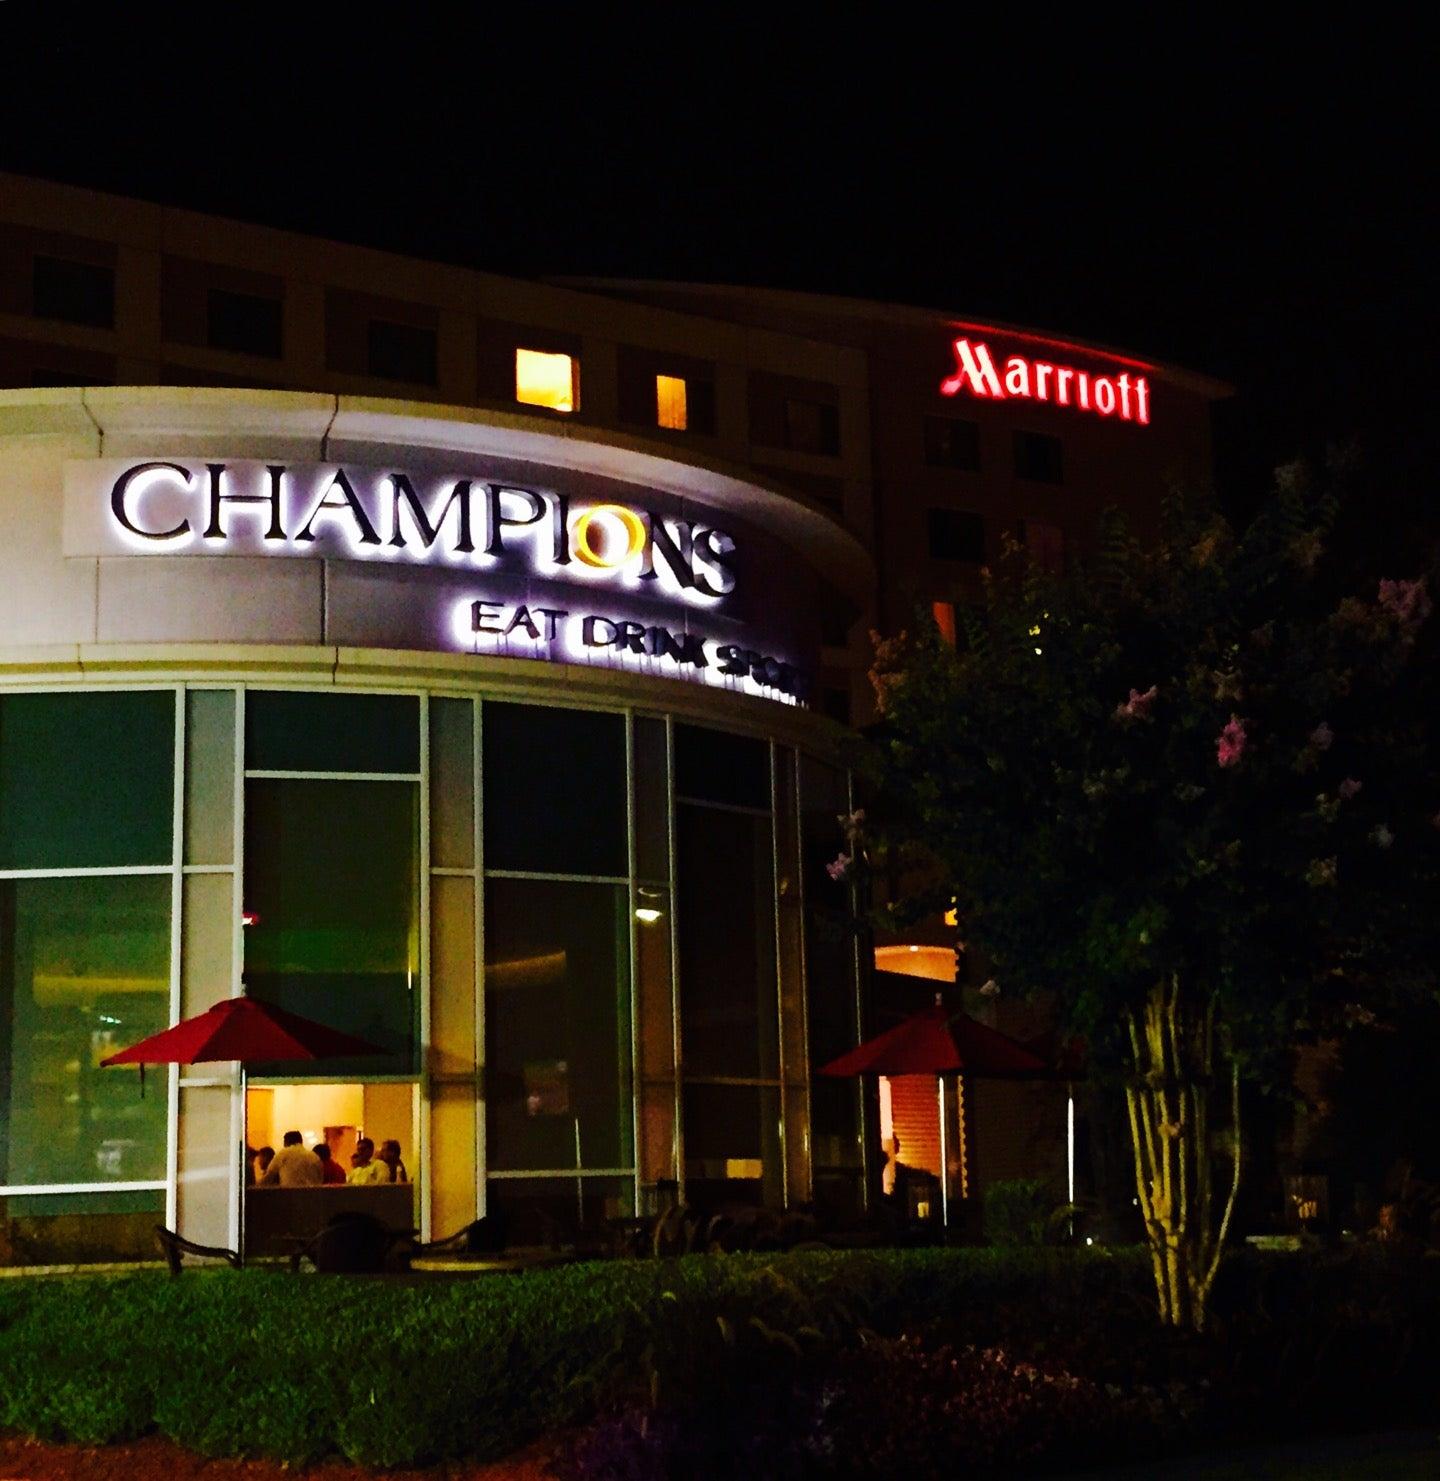 Atlanta Airport Marriott,gym,hotel,indoor pool,job,marriott,office,work